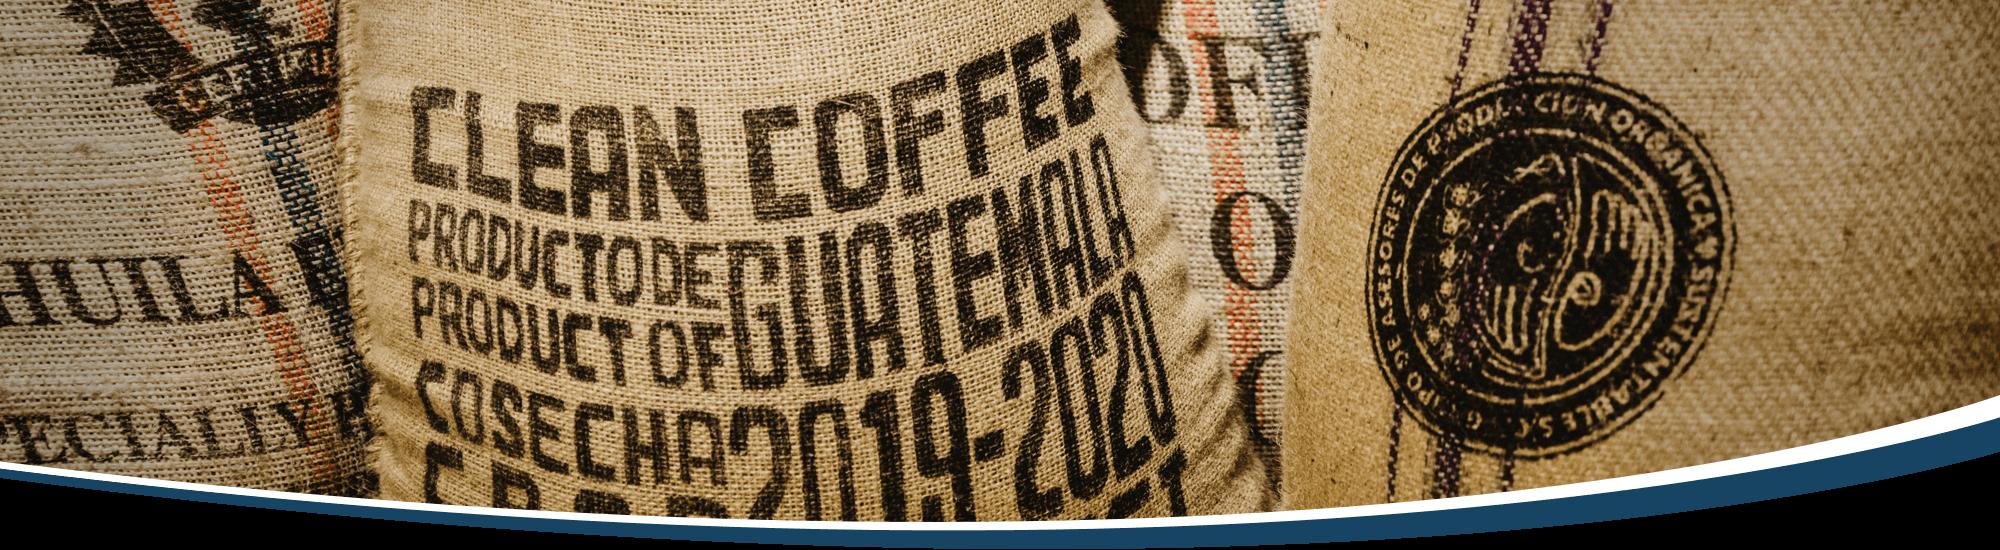 Vielseitig bedruckte Kaffeesäcke aus Ländern rund um den Globus, stehen eng gedrungen beieinander.